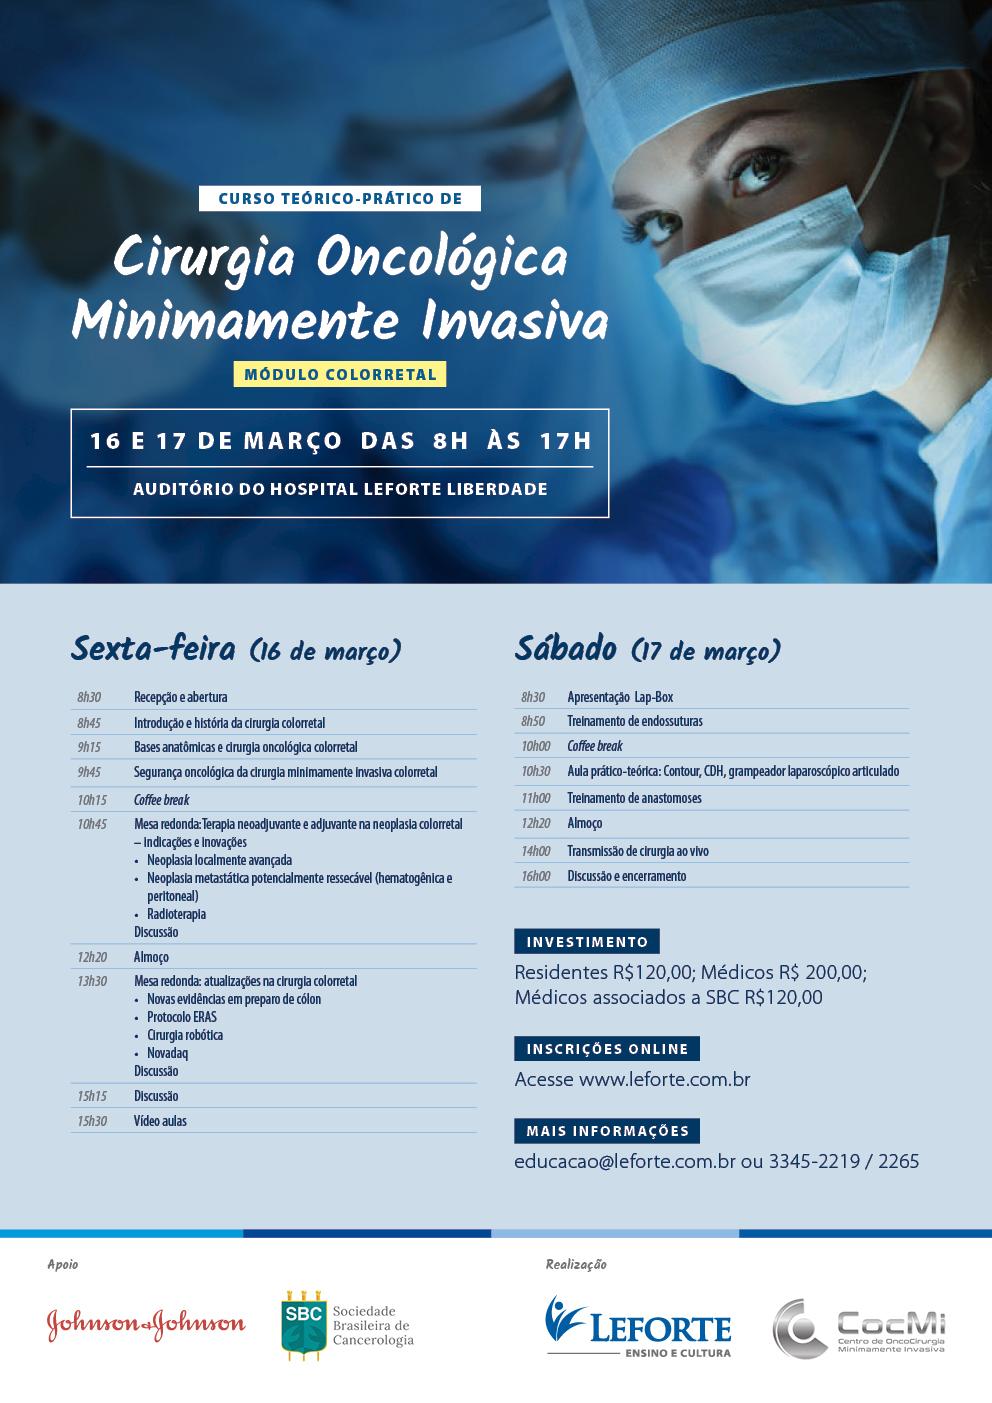 Curso Cirurgia Oncológica Minimamente Invasiva